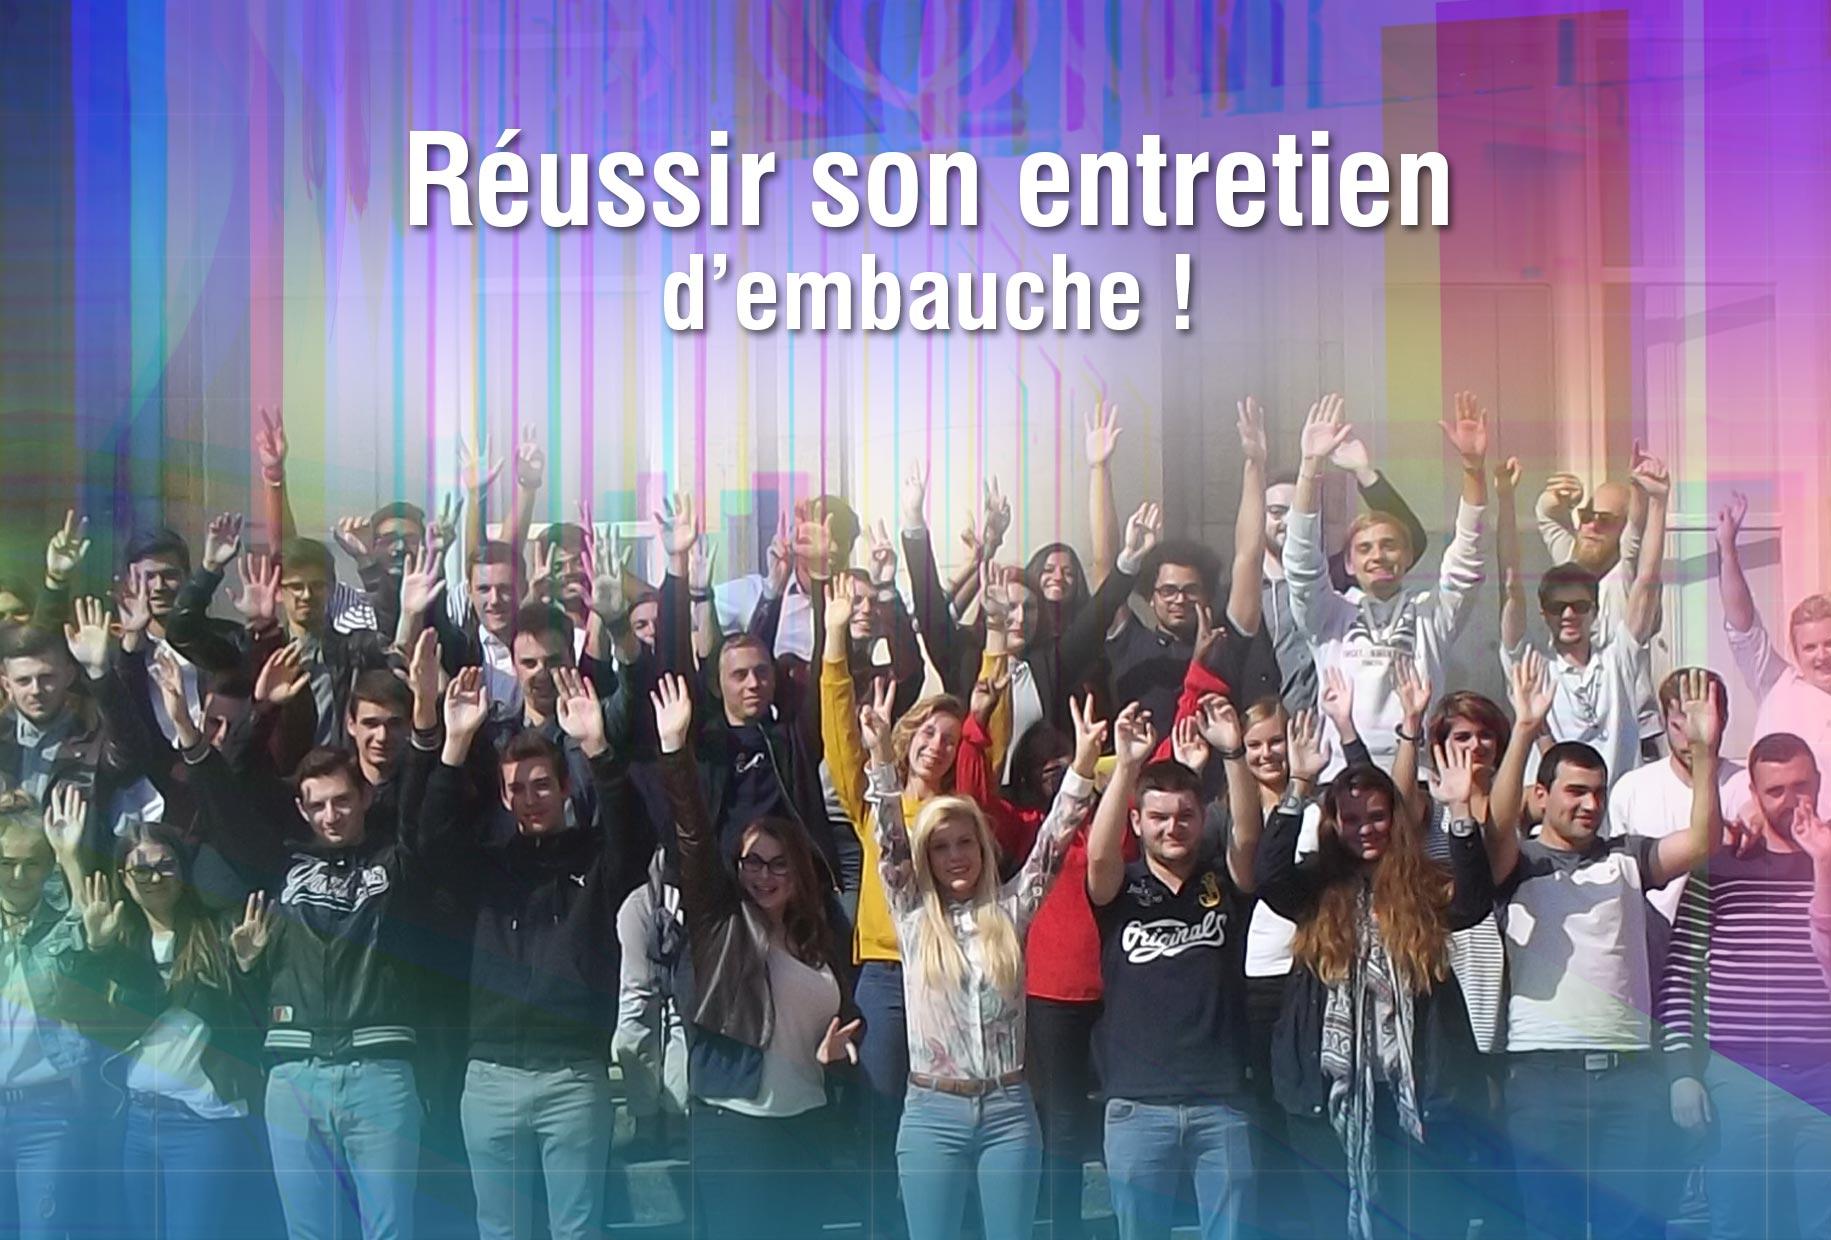 ESCC-Reussir-son-entretien-d-embauche